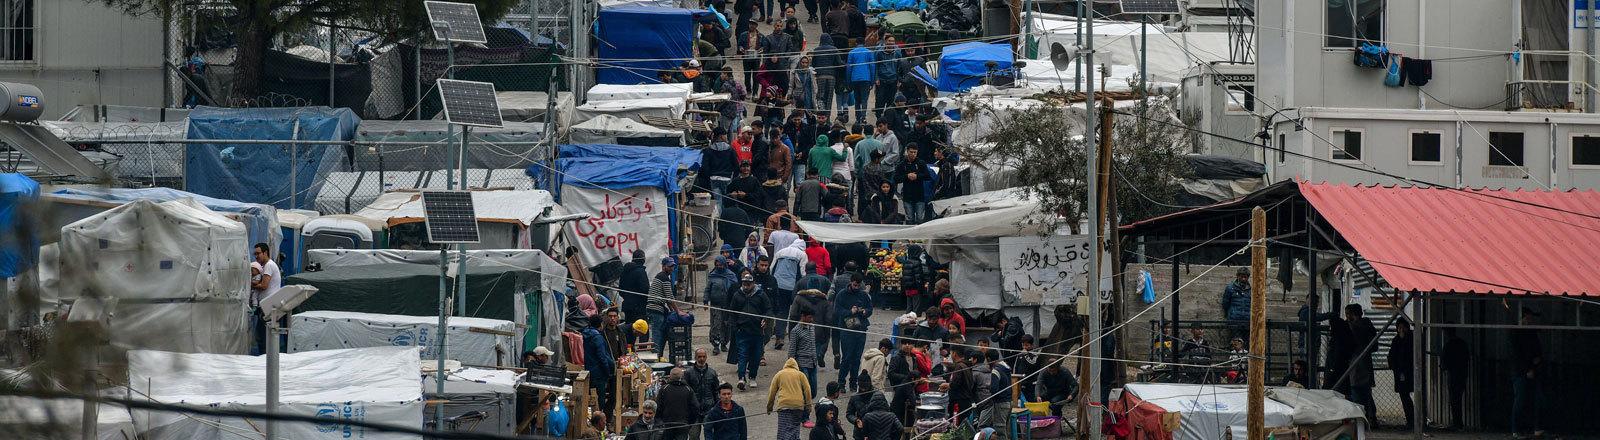 Lager Moria für Geflüchtete auf der griechischen Insel Lesbos.